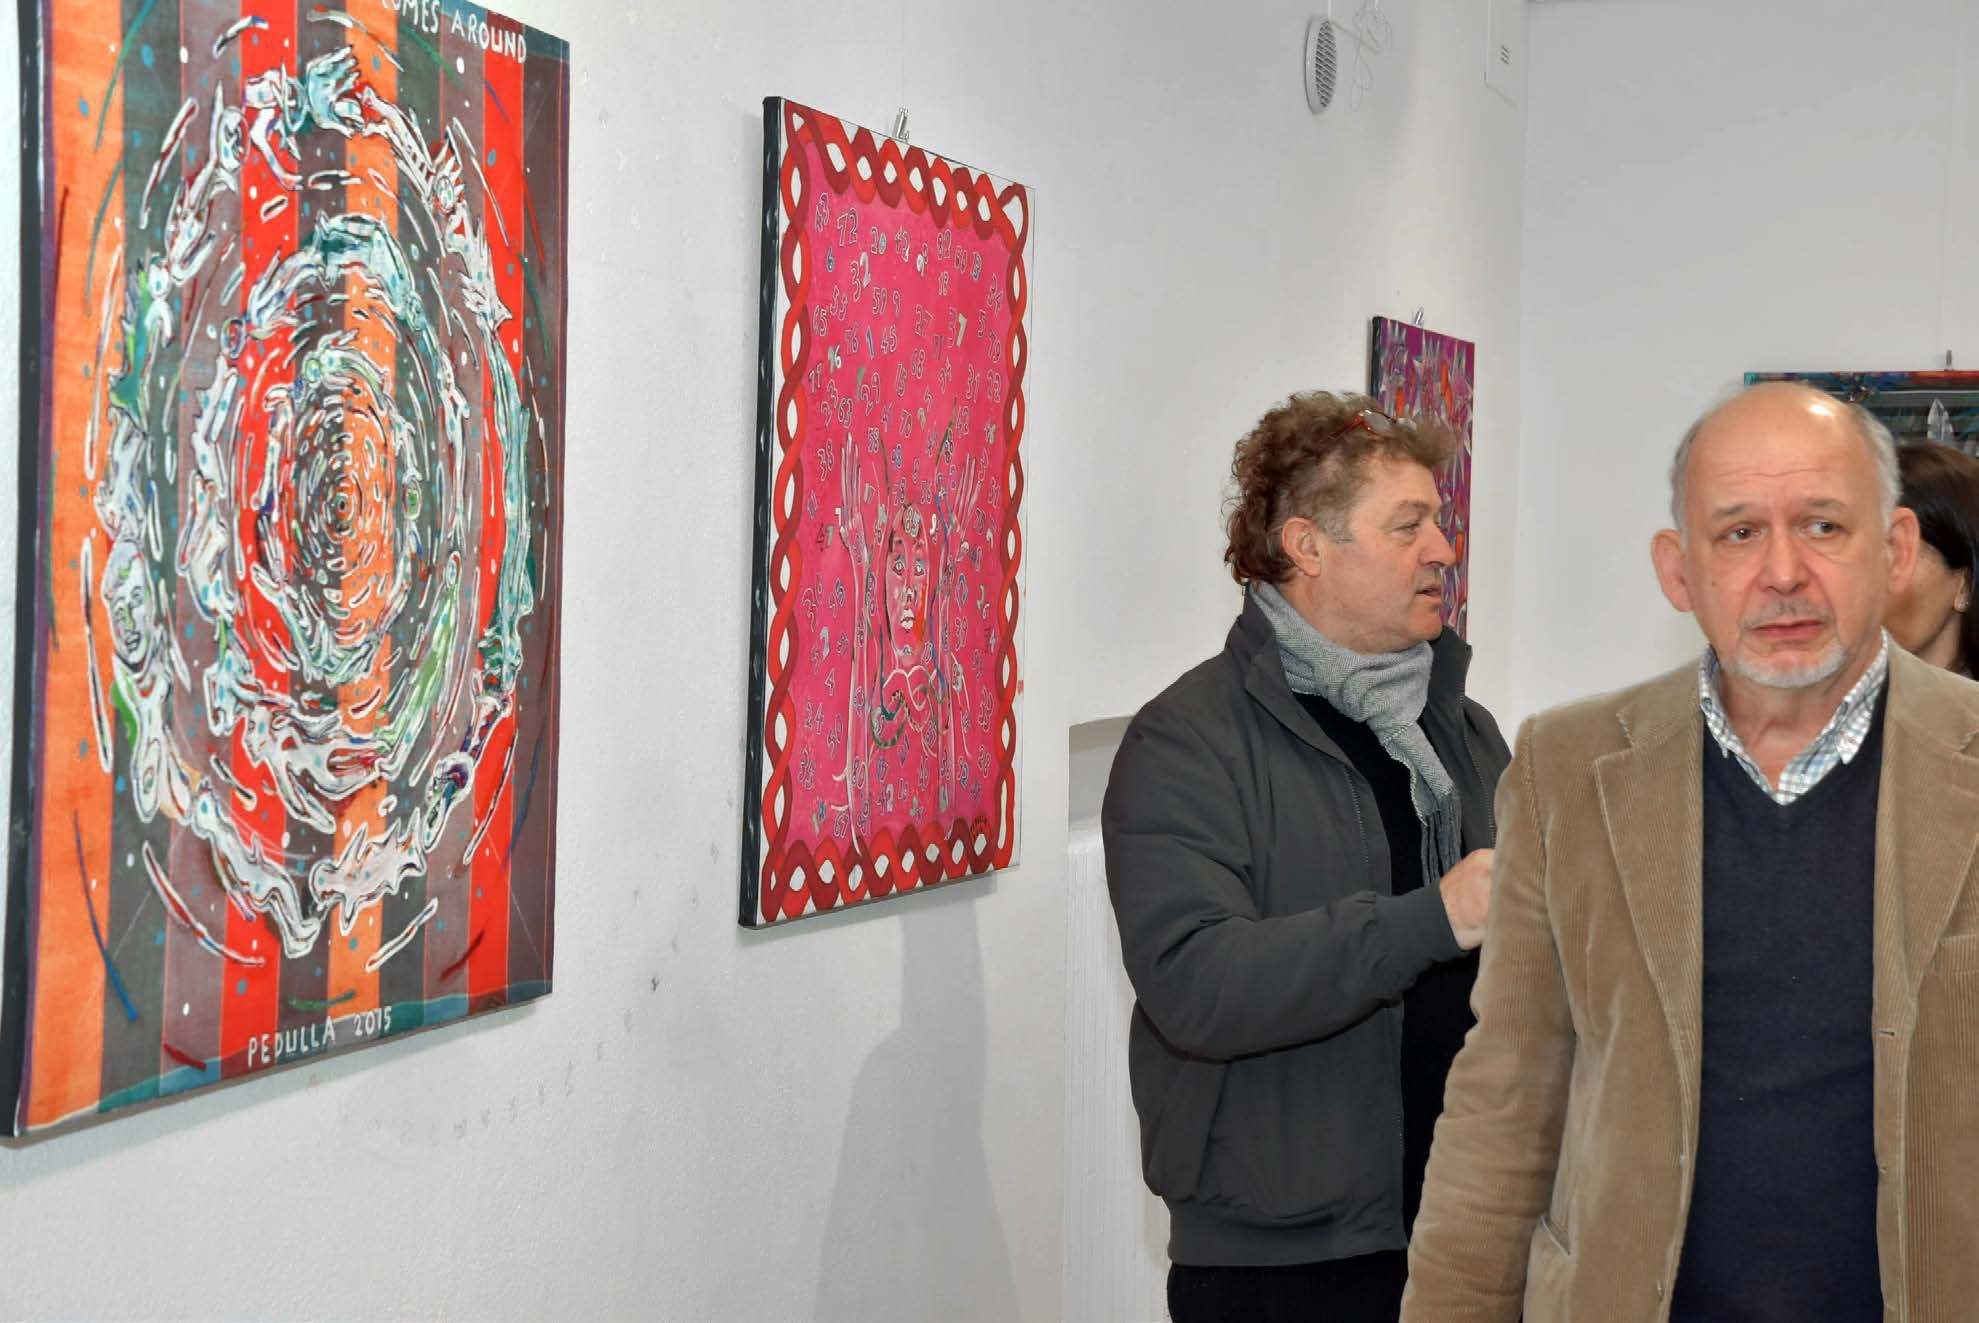 Gianni Pedullà, Adriano Campisi